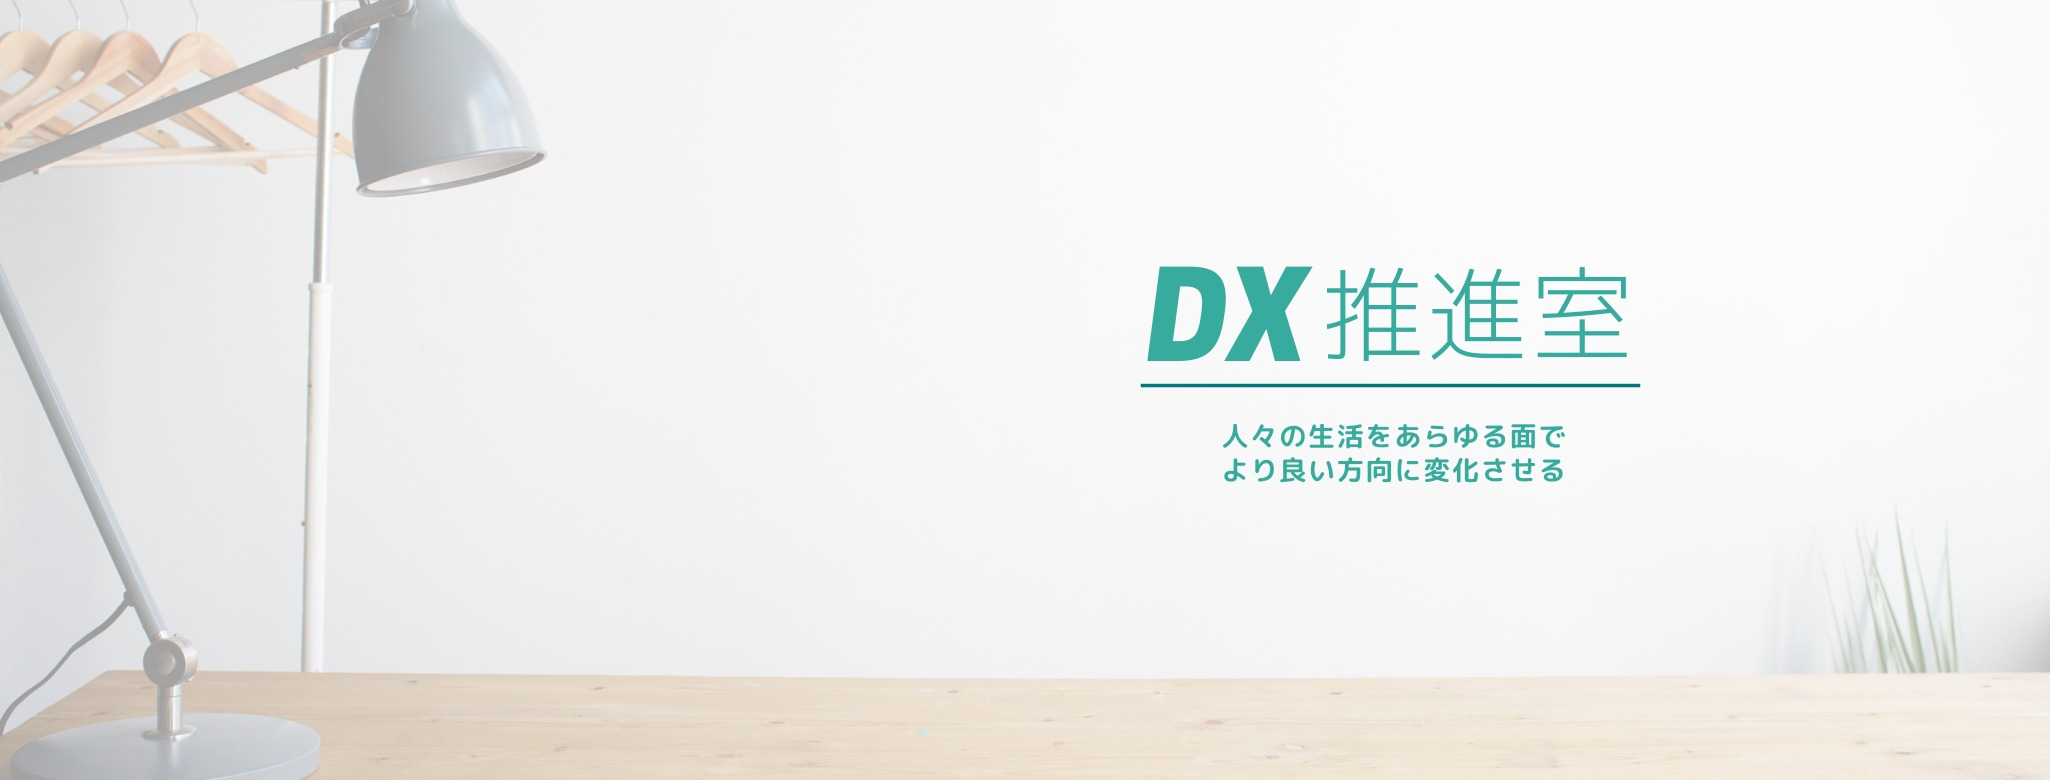 DX推進室_ヘッダー